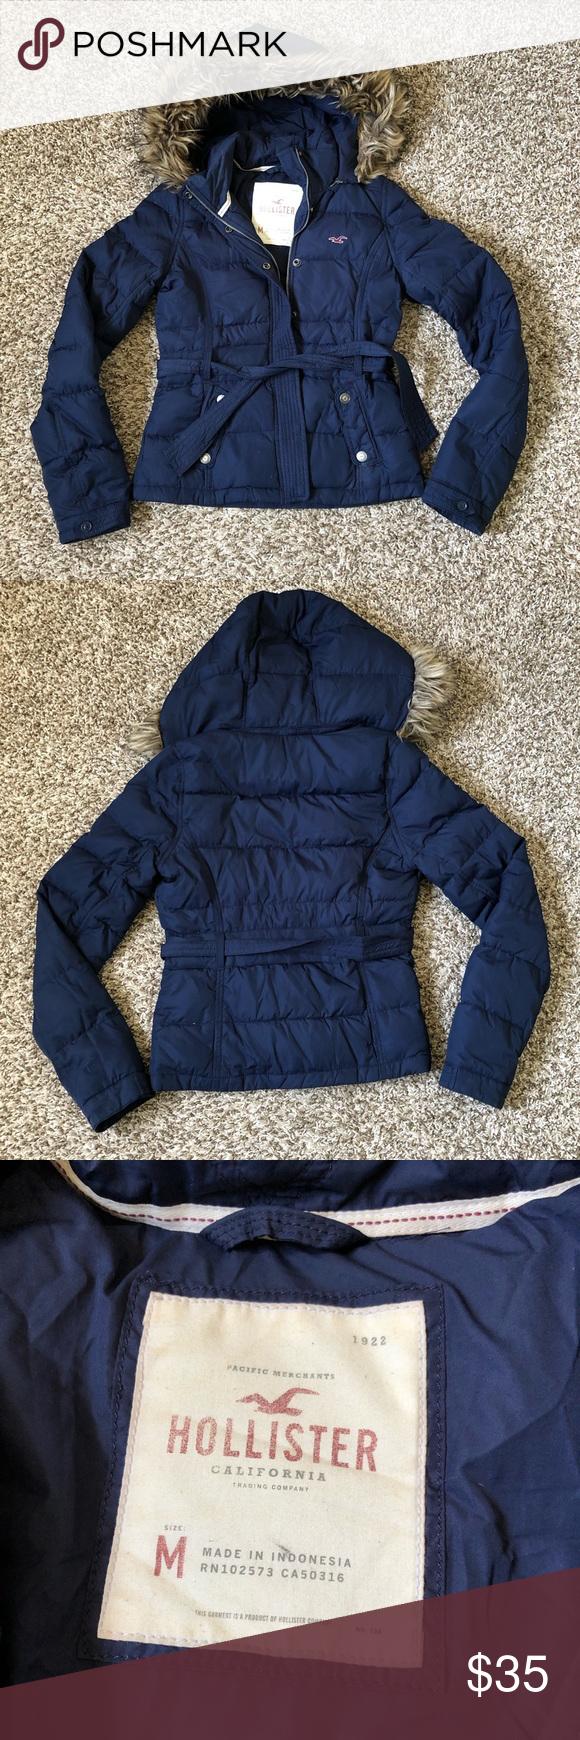 Hollister Puffer Jacket Jackets Puffer Jackets Clothes Design [ 1740 x 580 Pixel ]